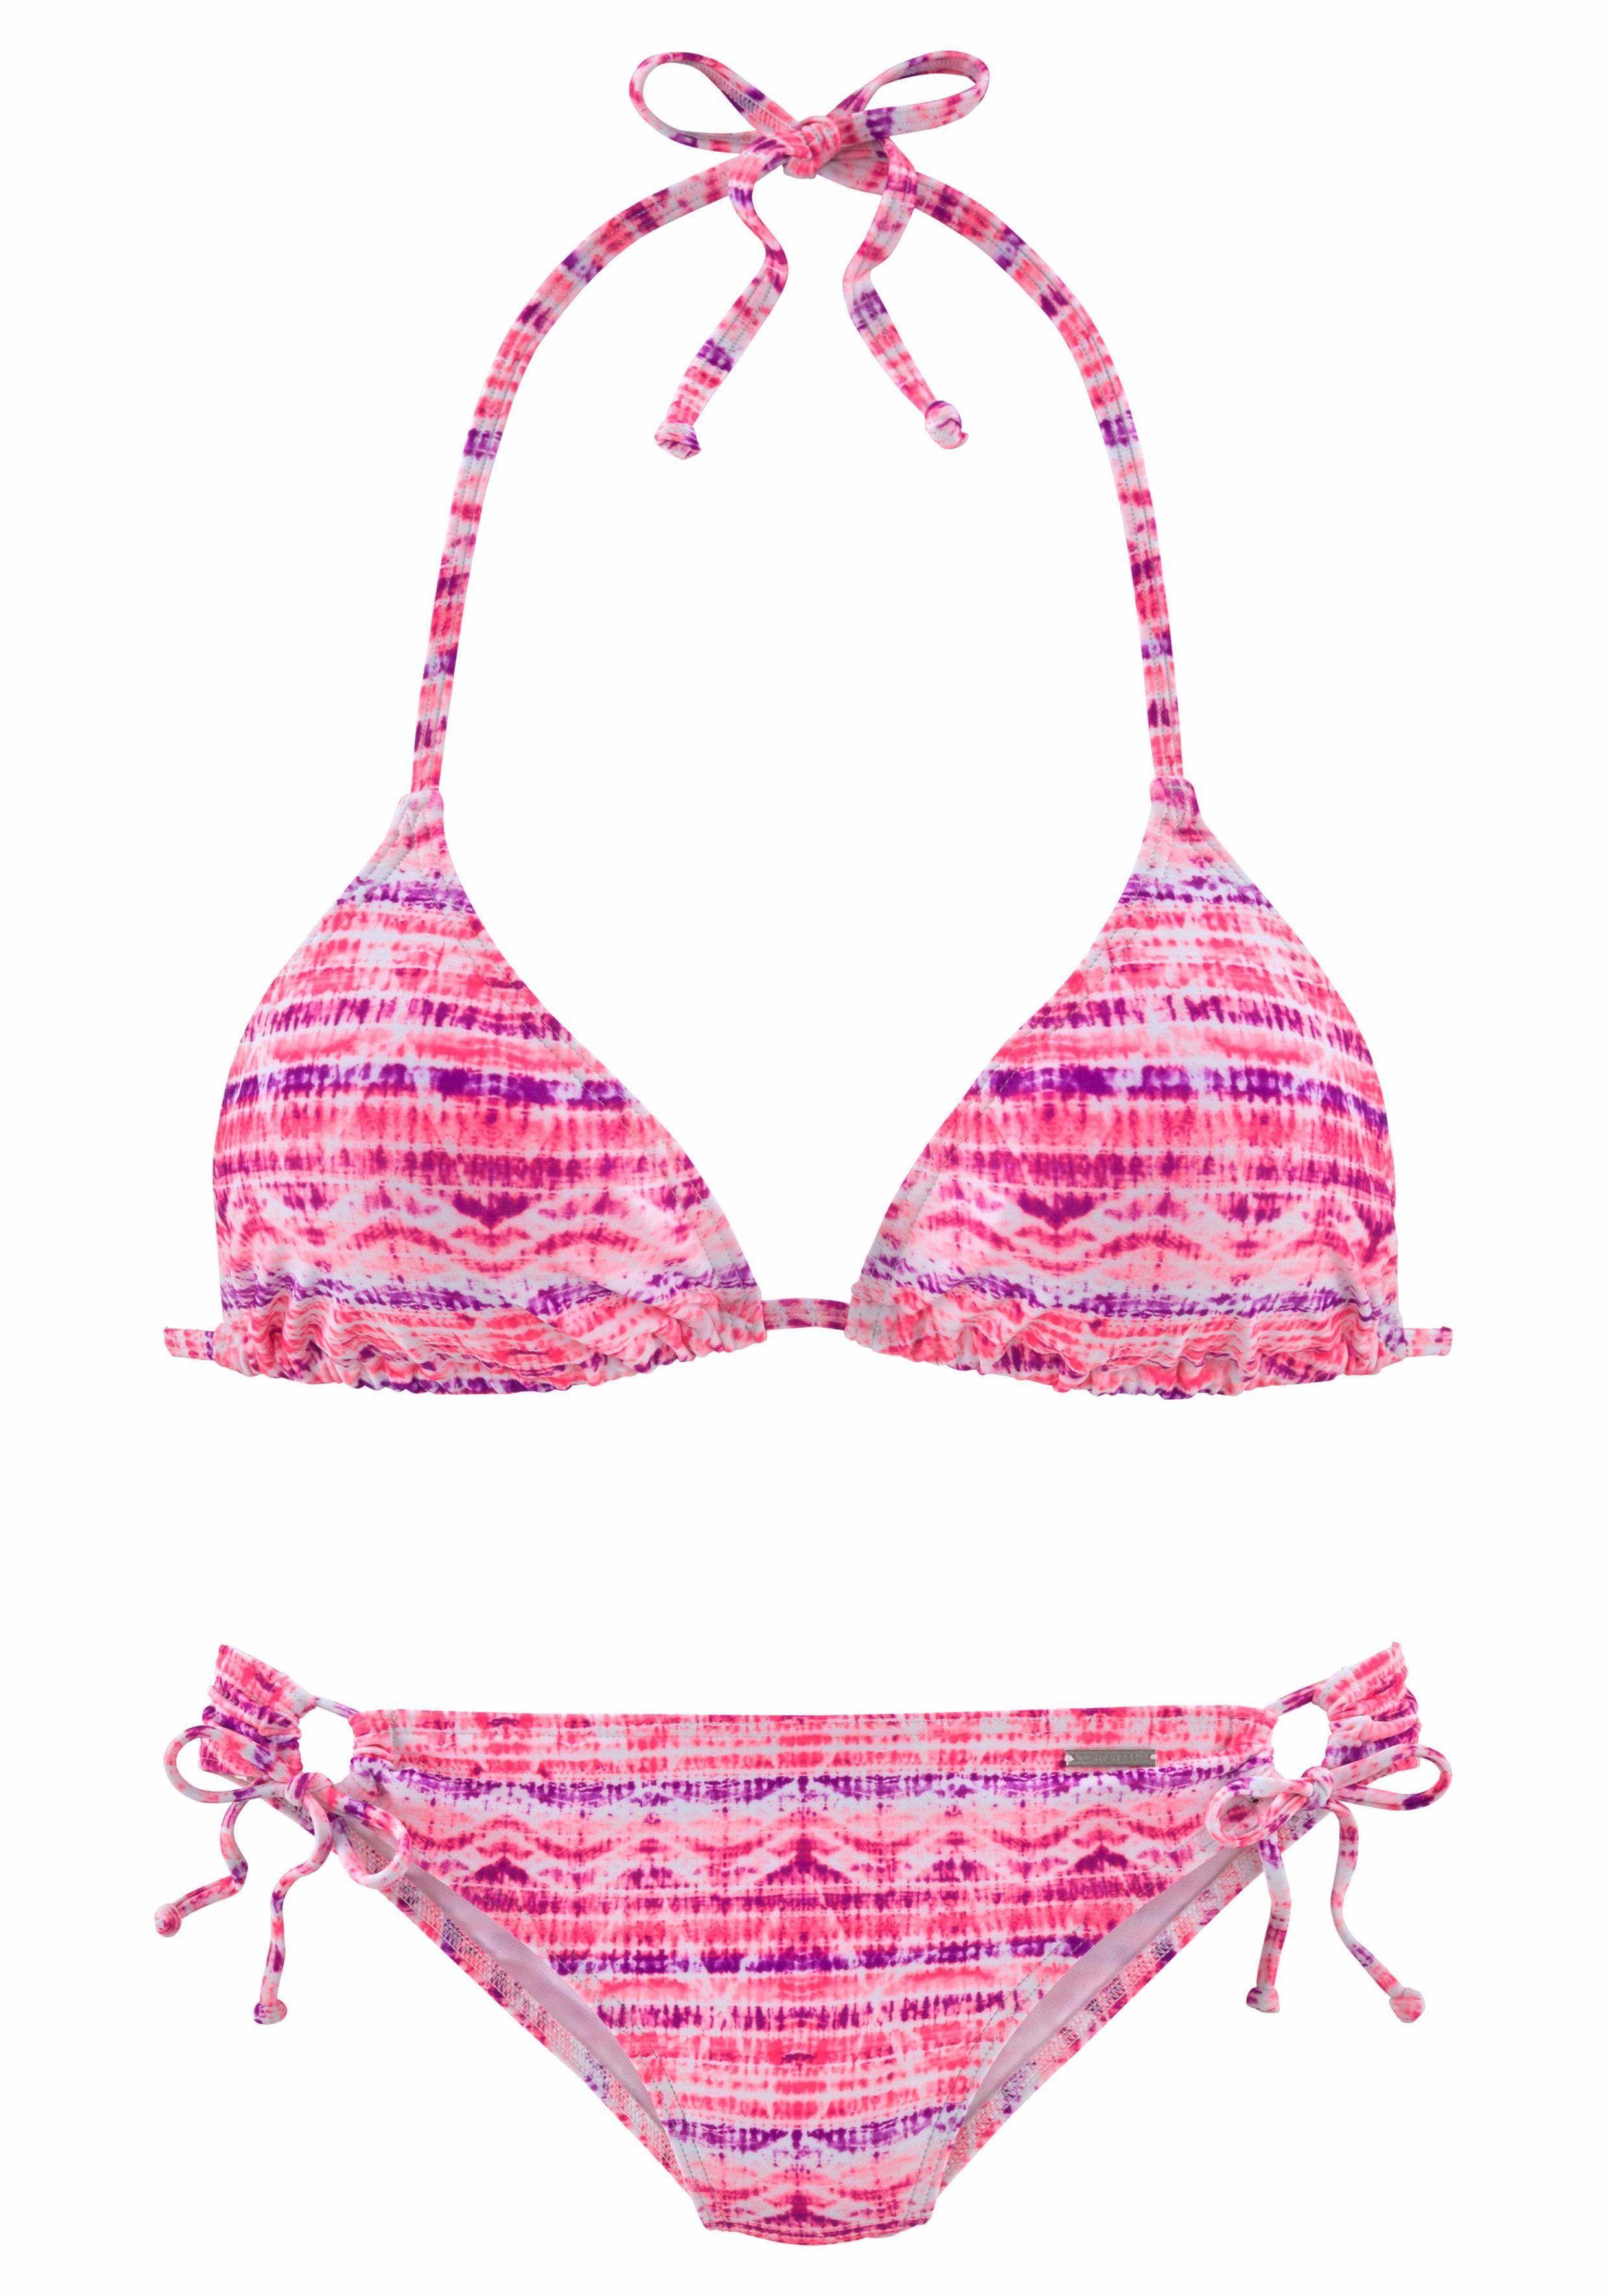 3b515717902cc Damen Chiemsee Triangel-Bikini rosa